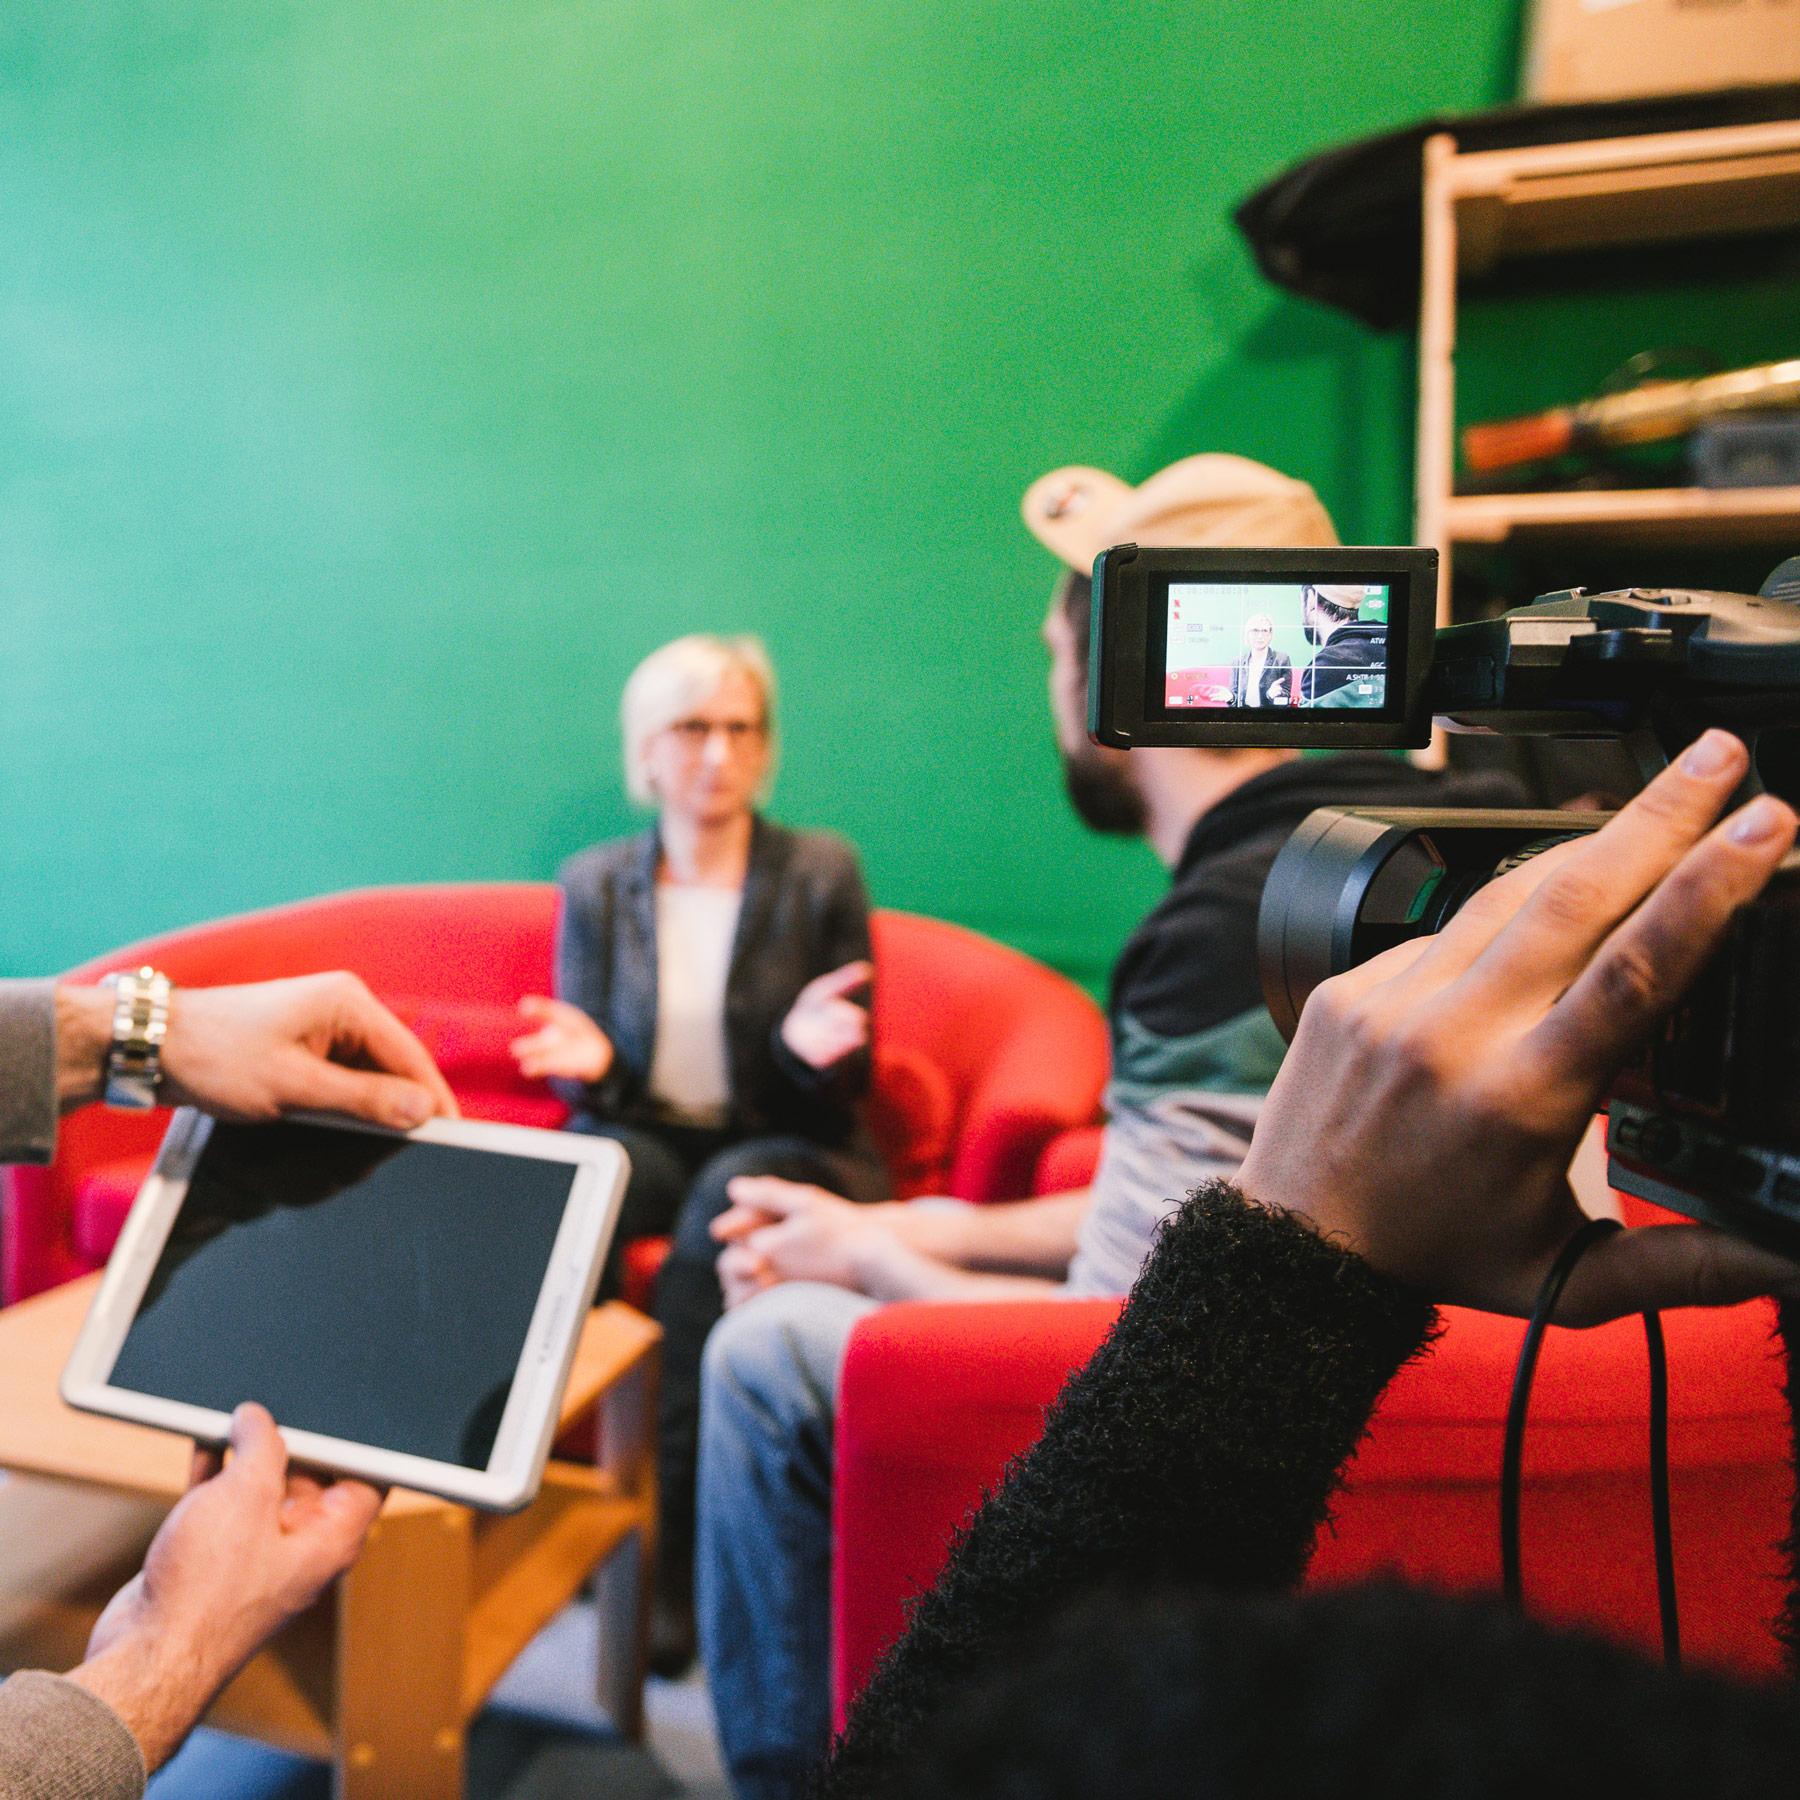 Blick auf einen Interviewsituation, welche gefilmt wird.